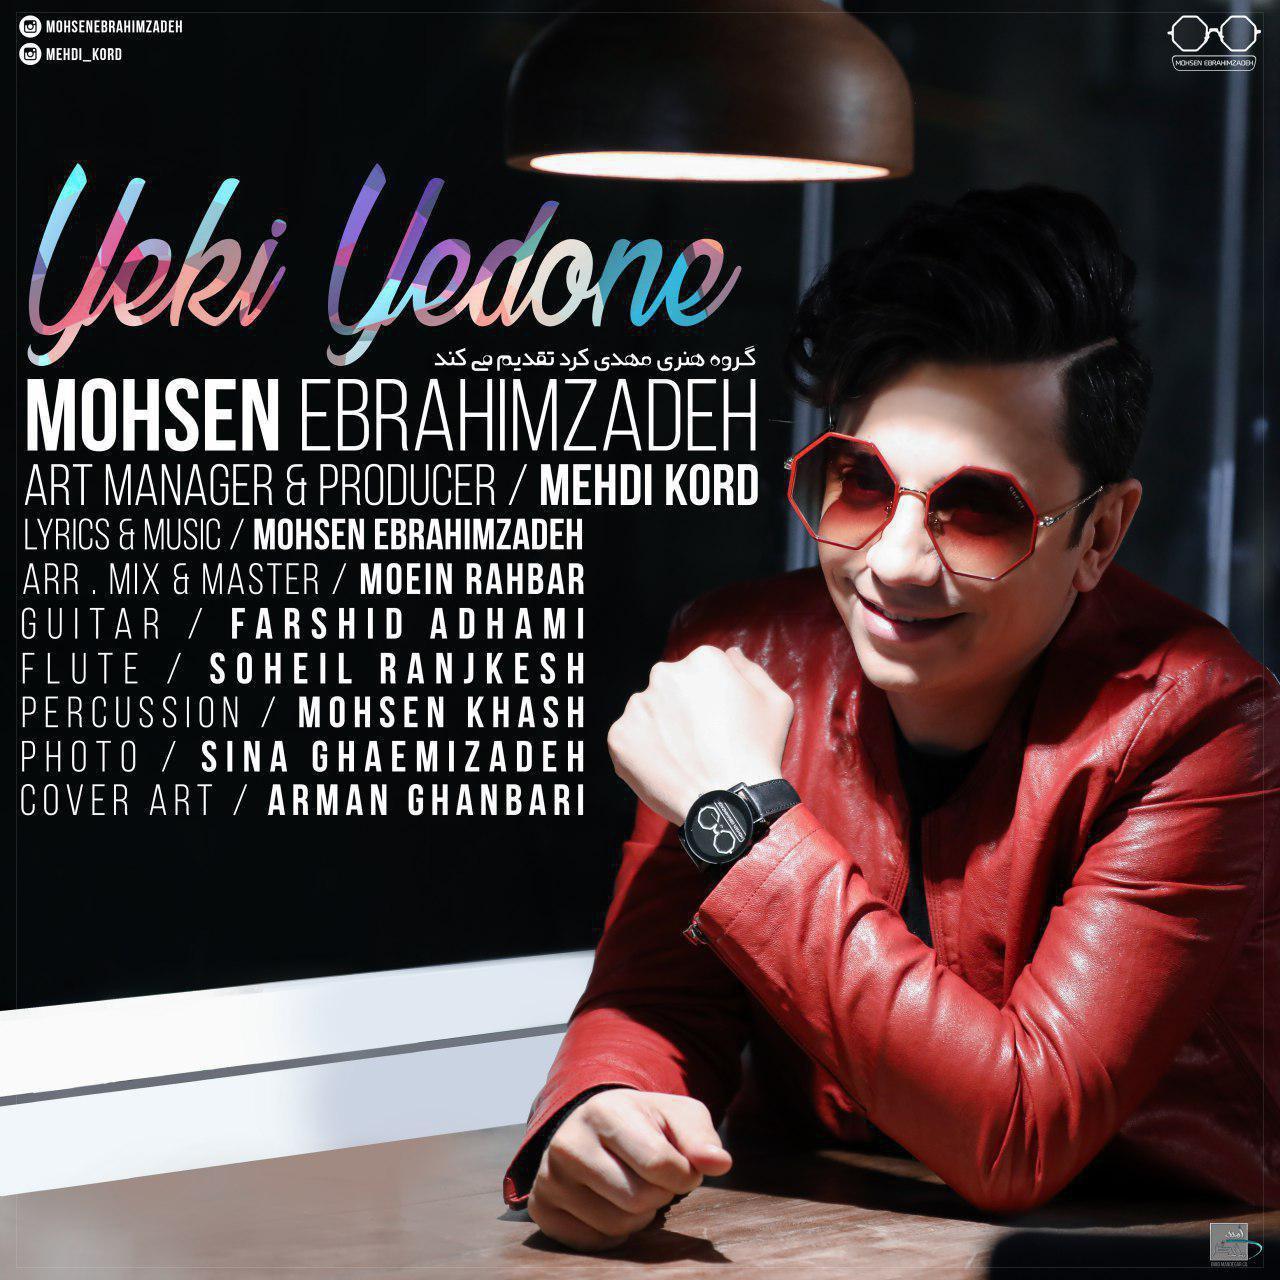 Mohsen Ebrahimzadeh – Yeki Yedone